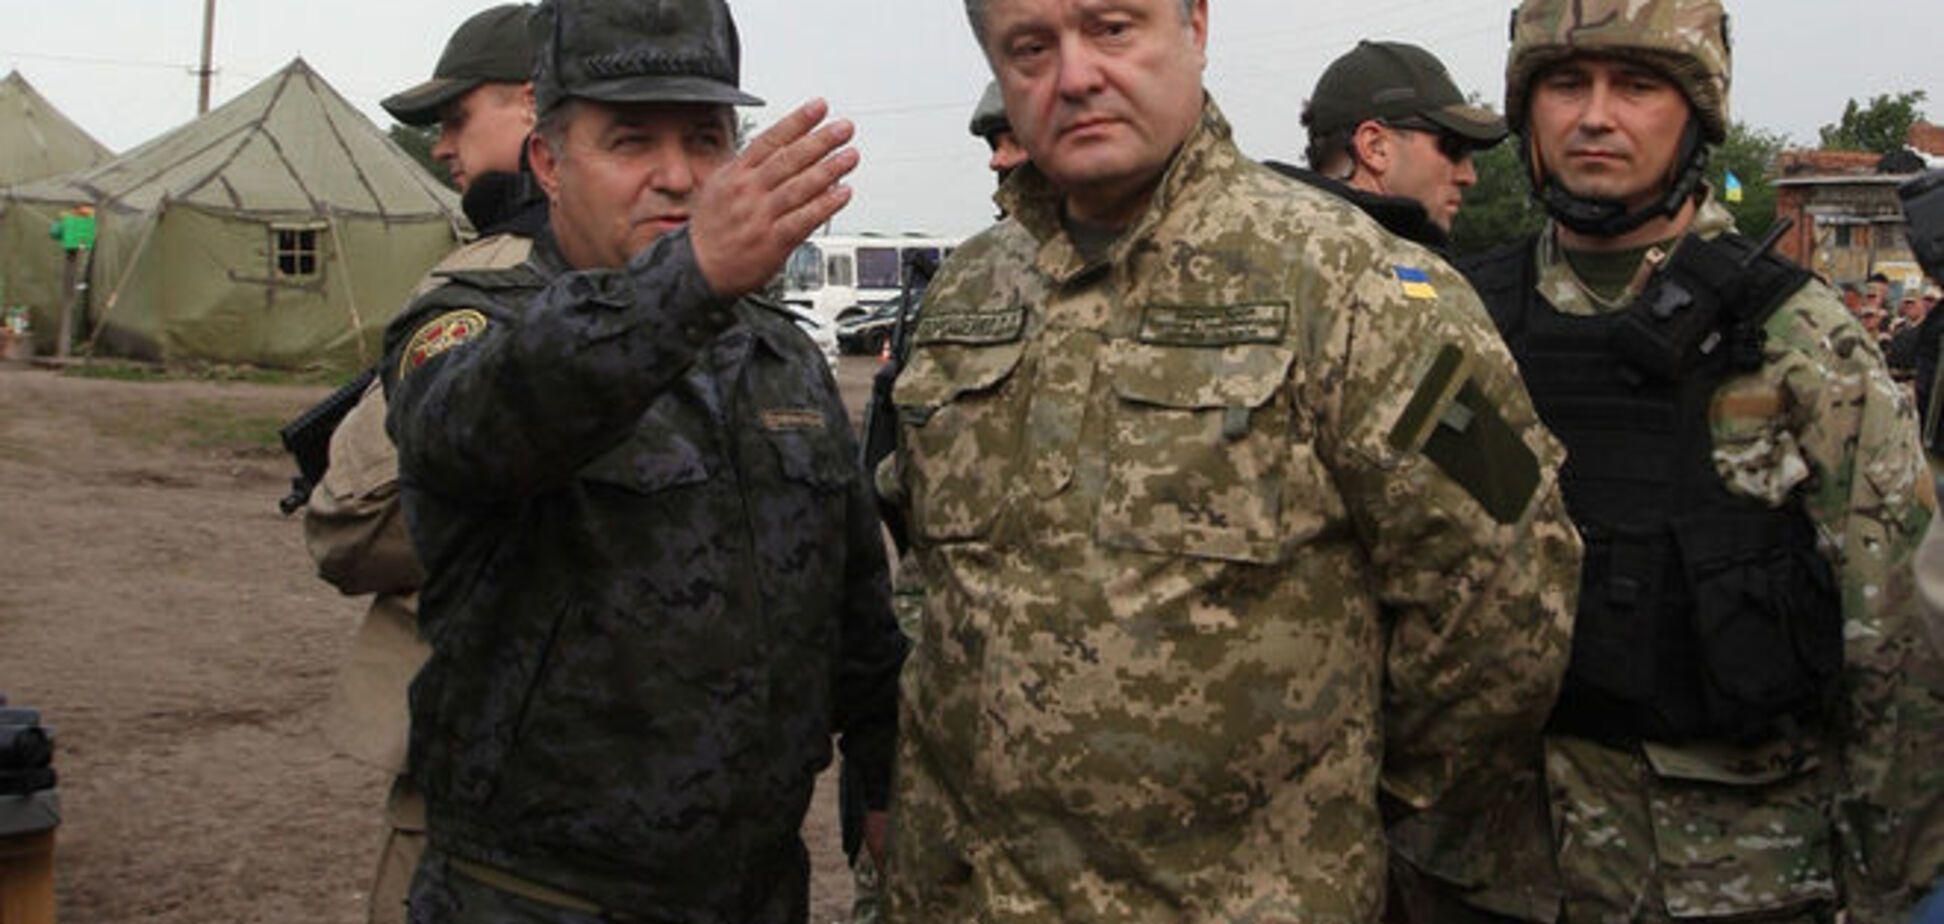 Украина стала одной из наиболее боеспособных на континенте - Порошенко